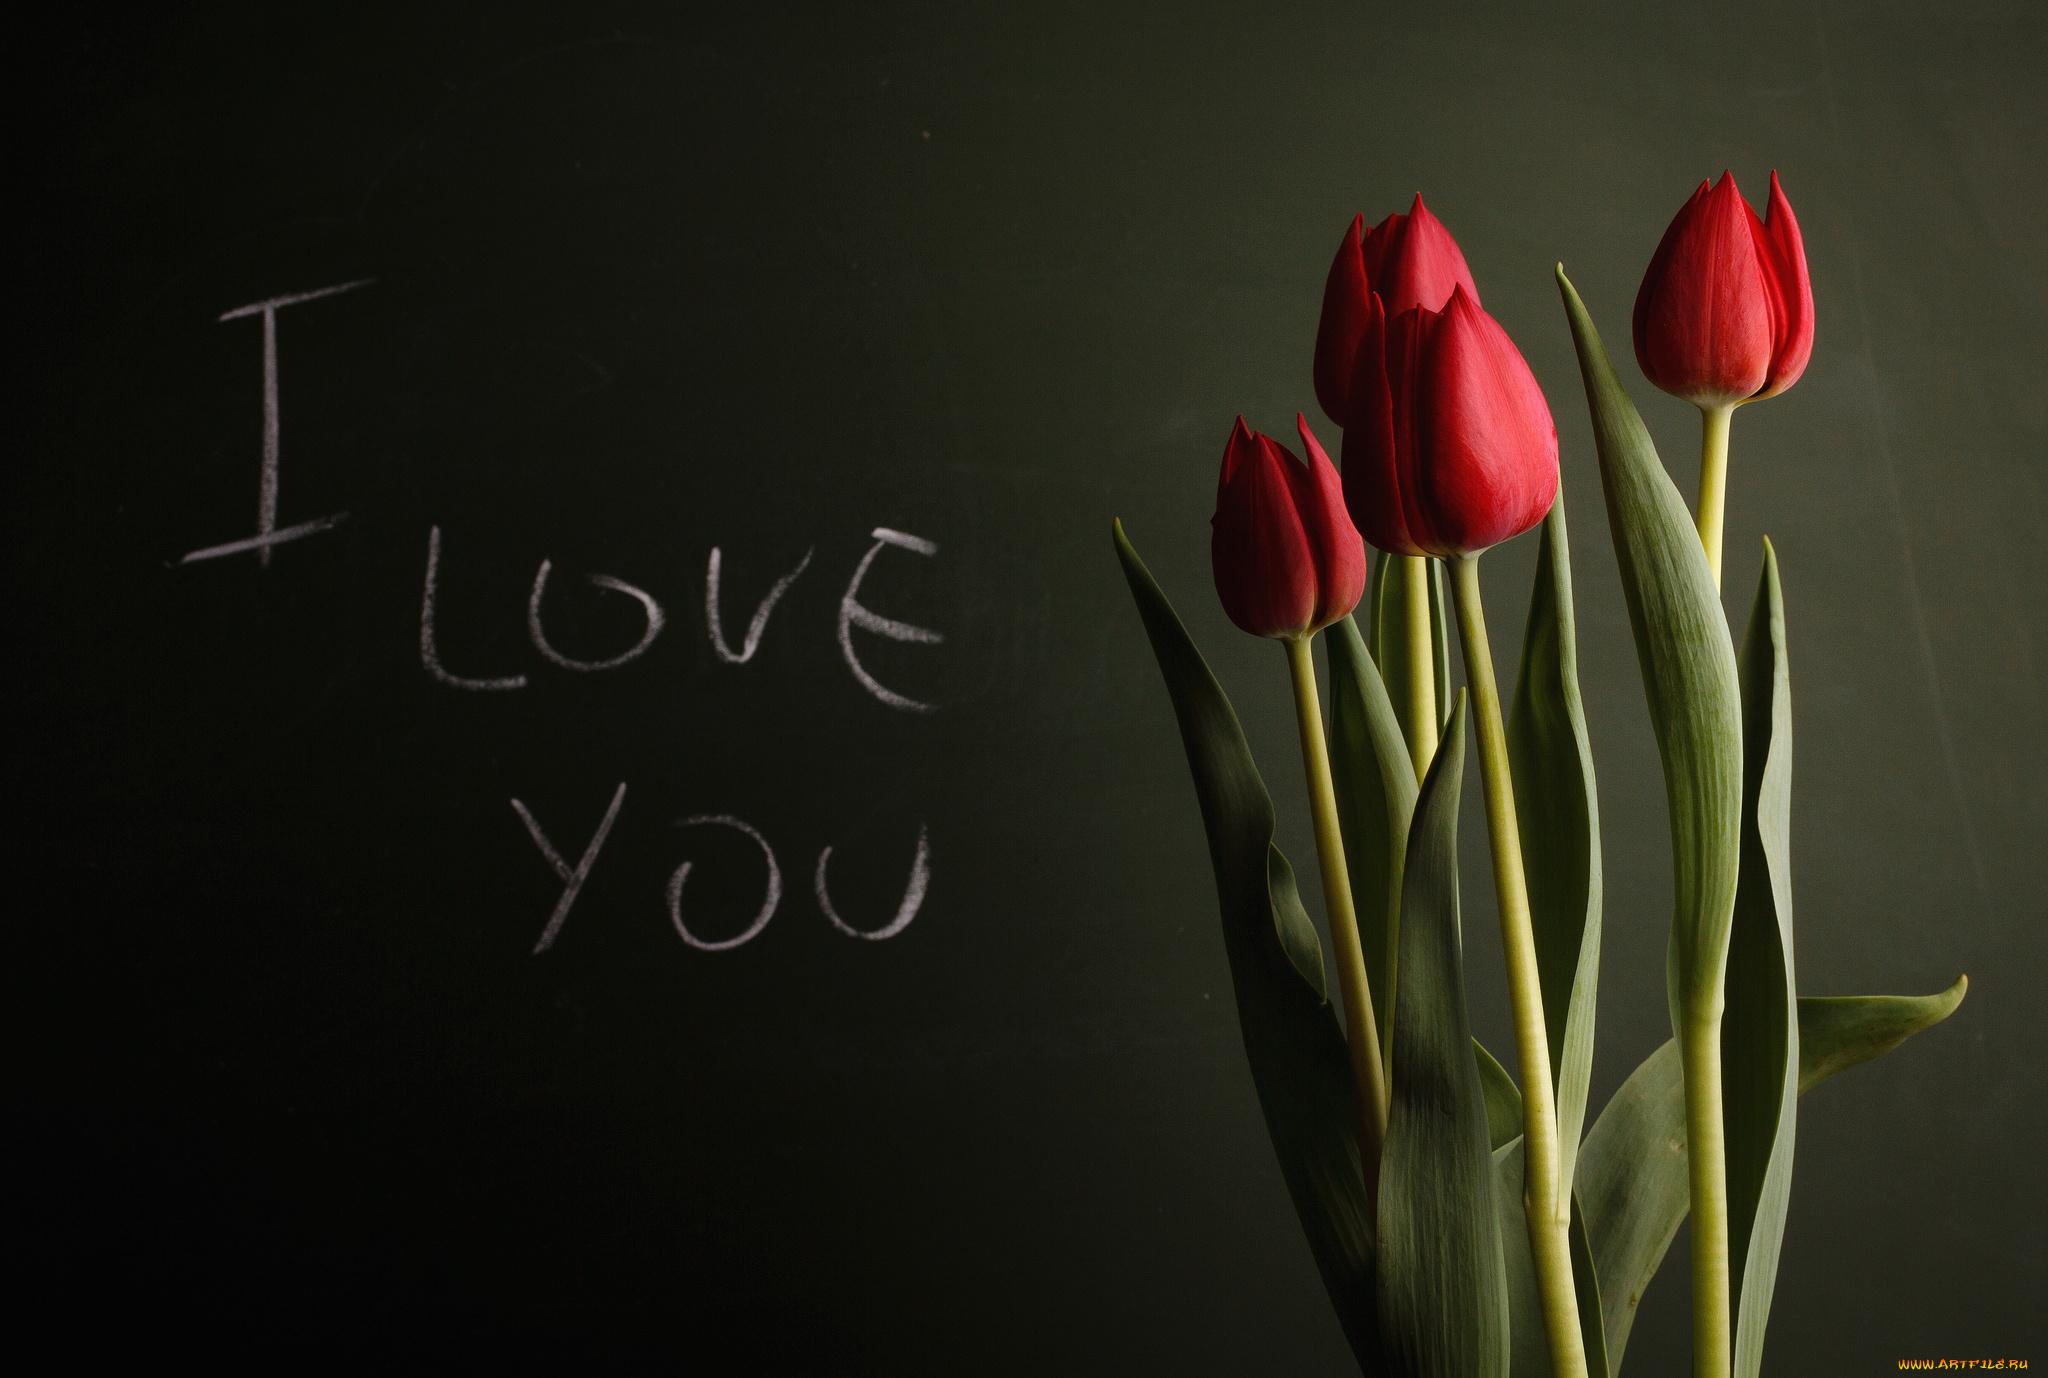 Картинки море, картинки тюльпаны с надписью для тебя